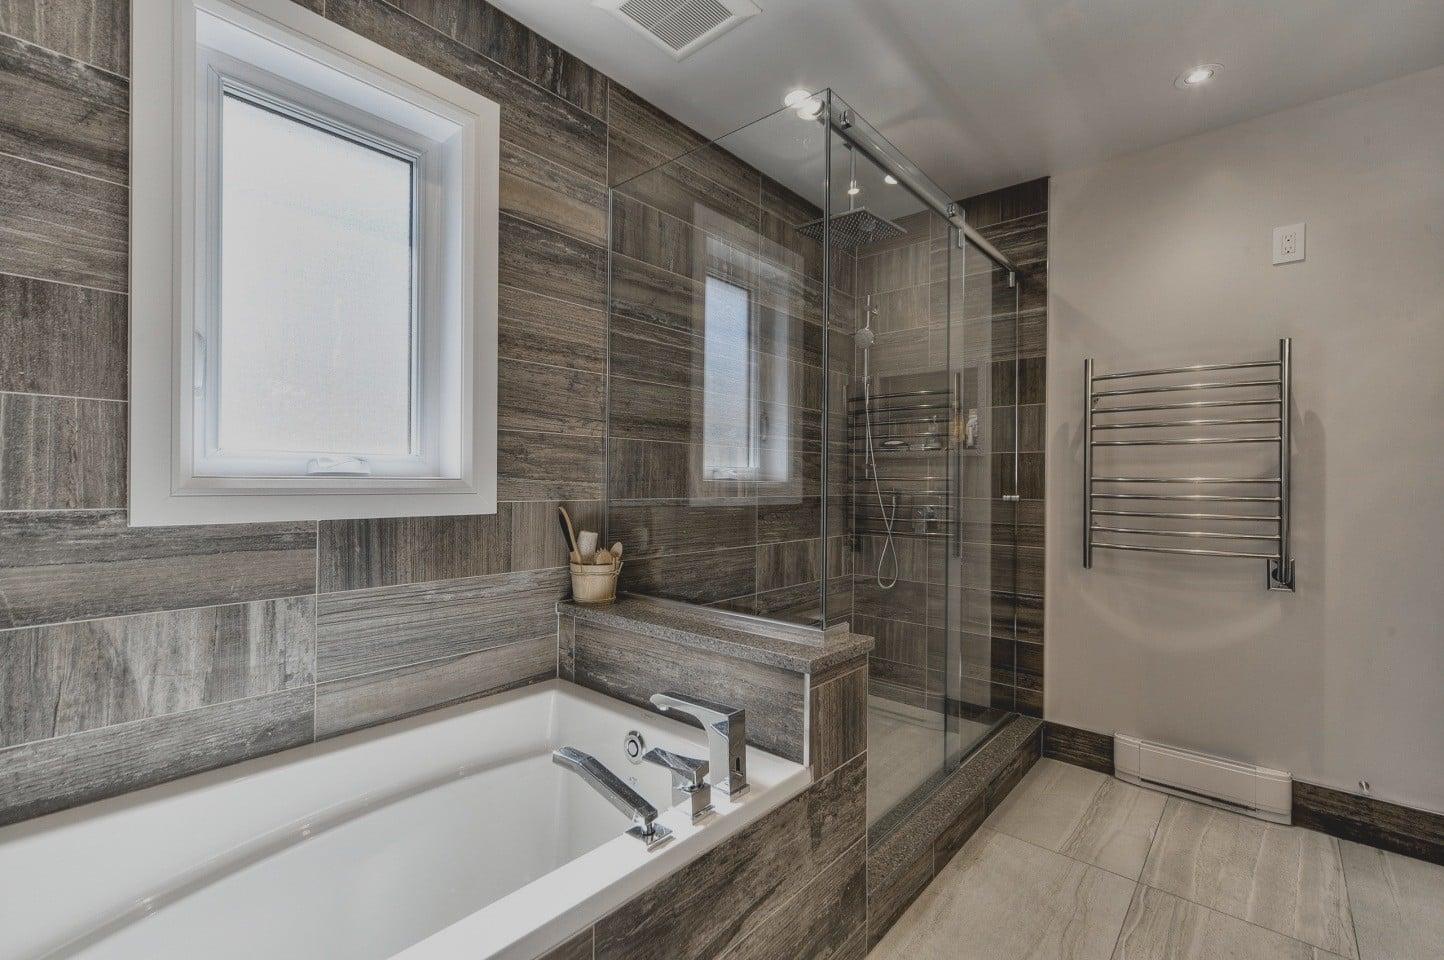 Charmant Baignoire Classique Ou Sabot Pour Votre Nouvelle Salle De Bain ?   Les  Trophées De La Maison